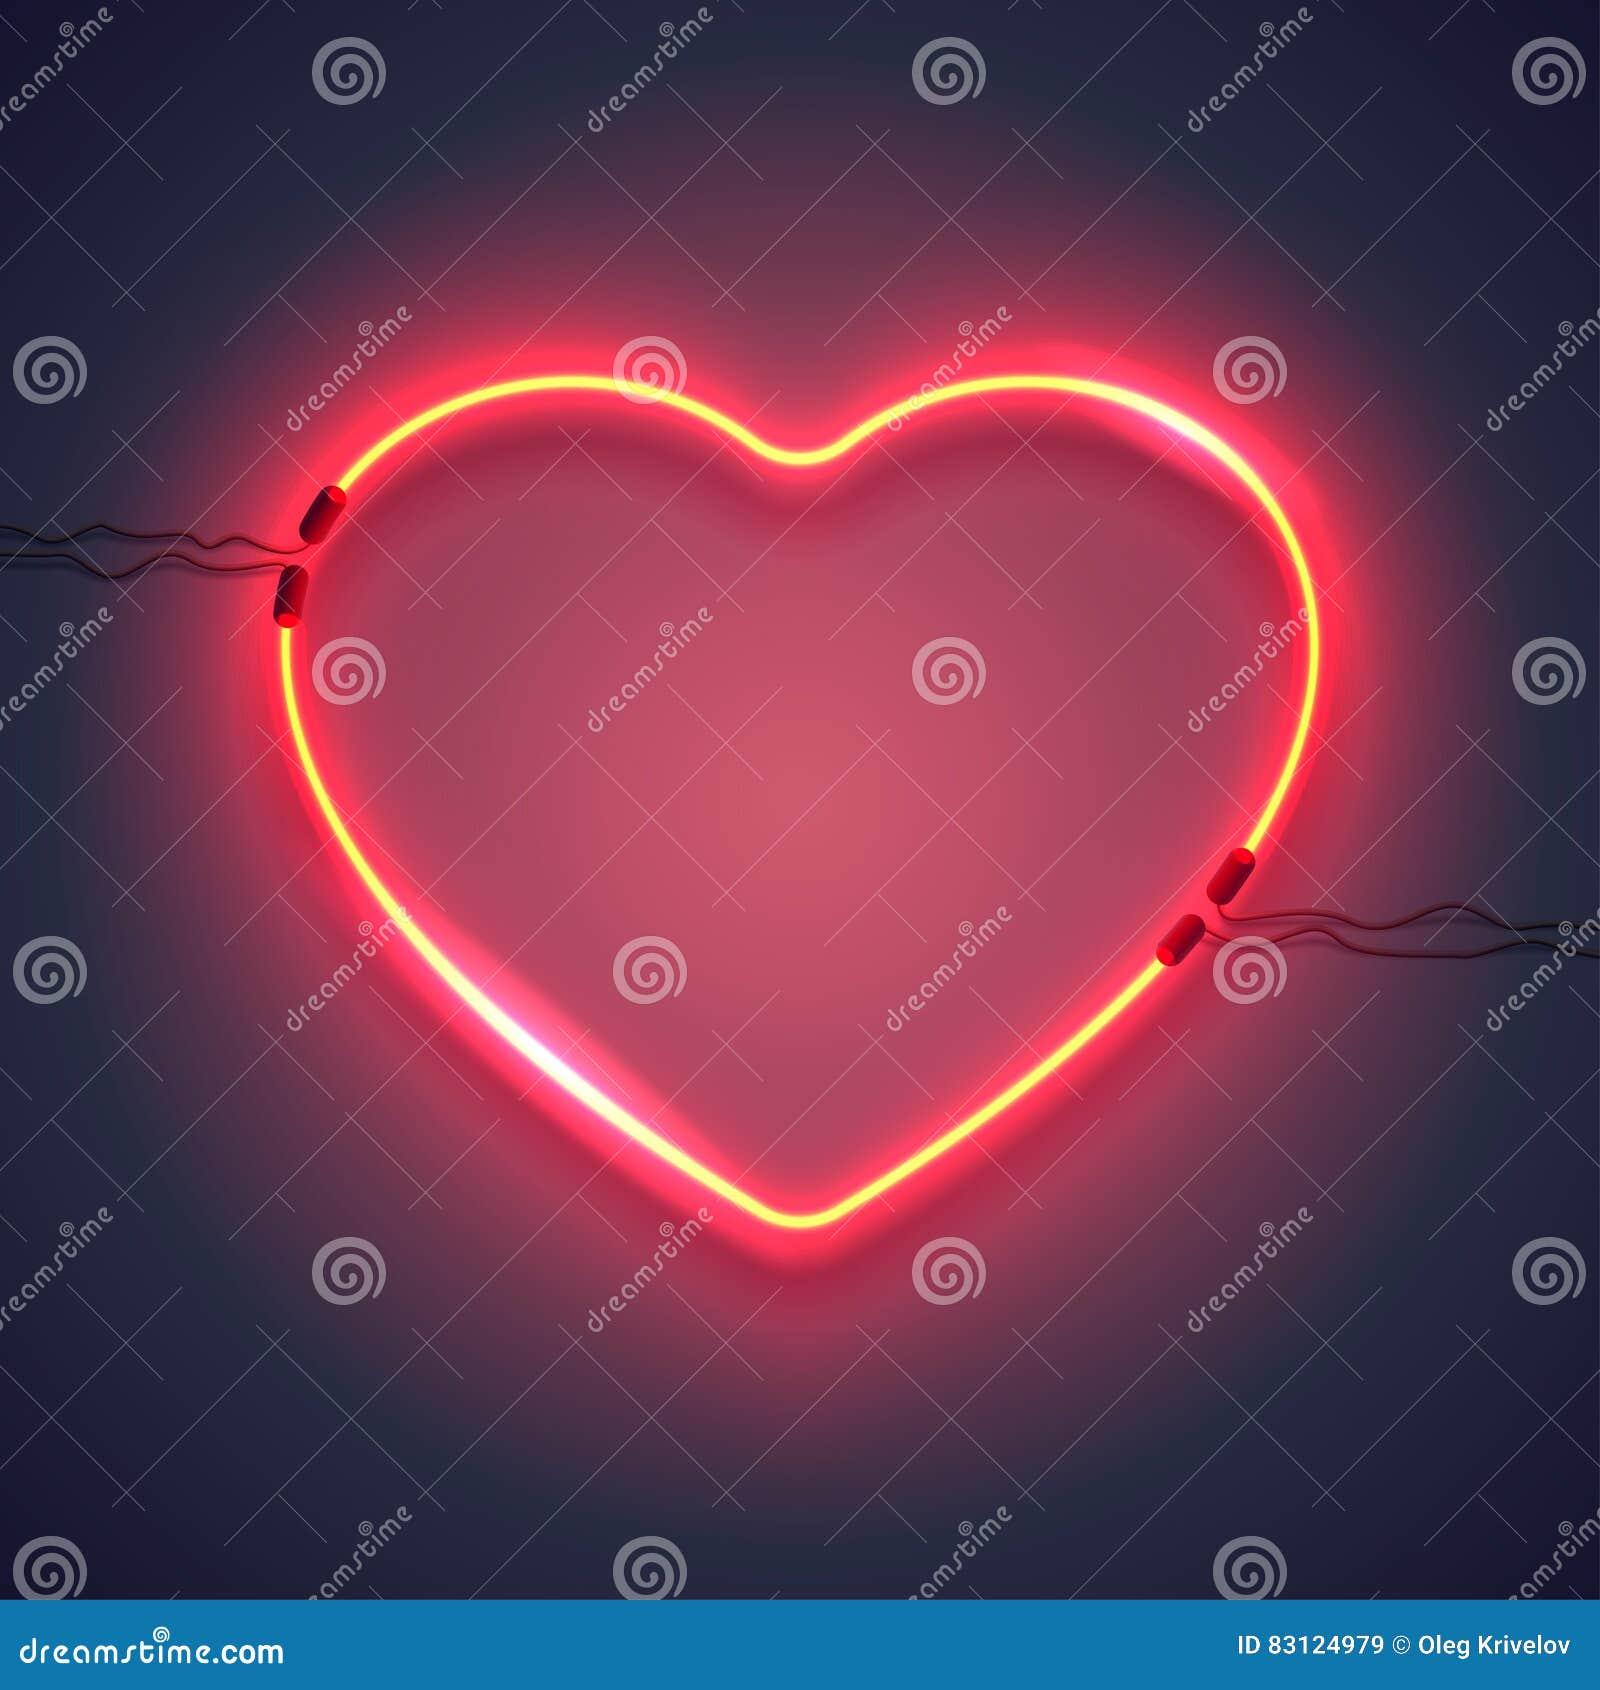 Neonlampa heart-01